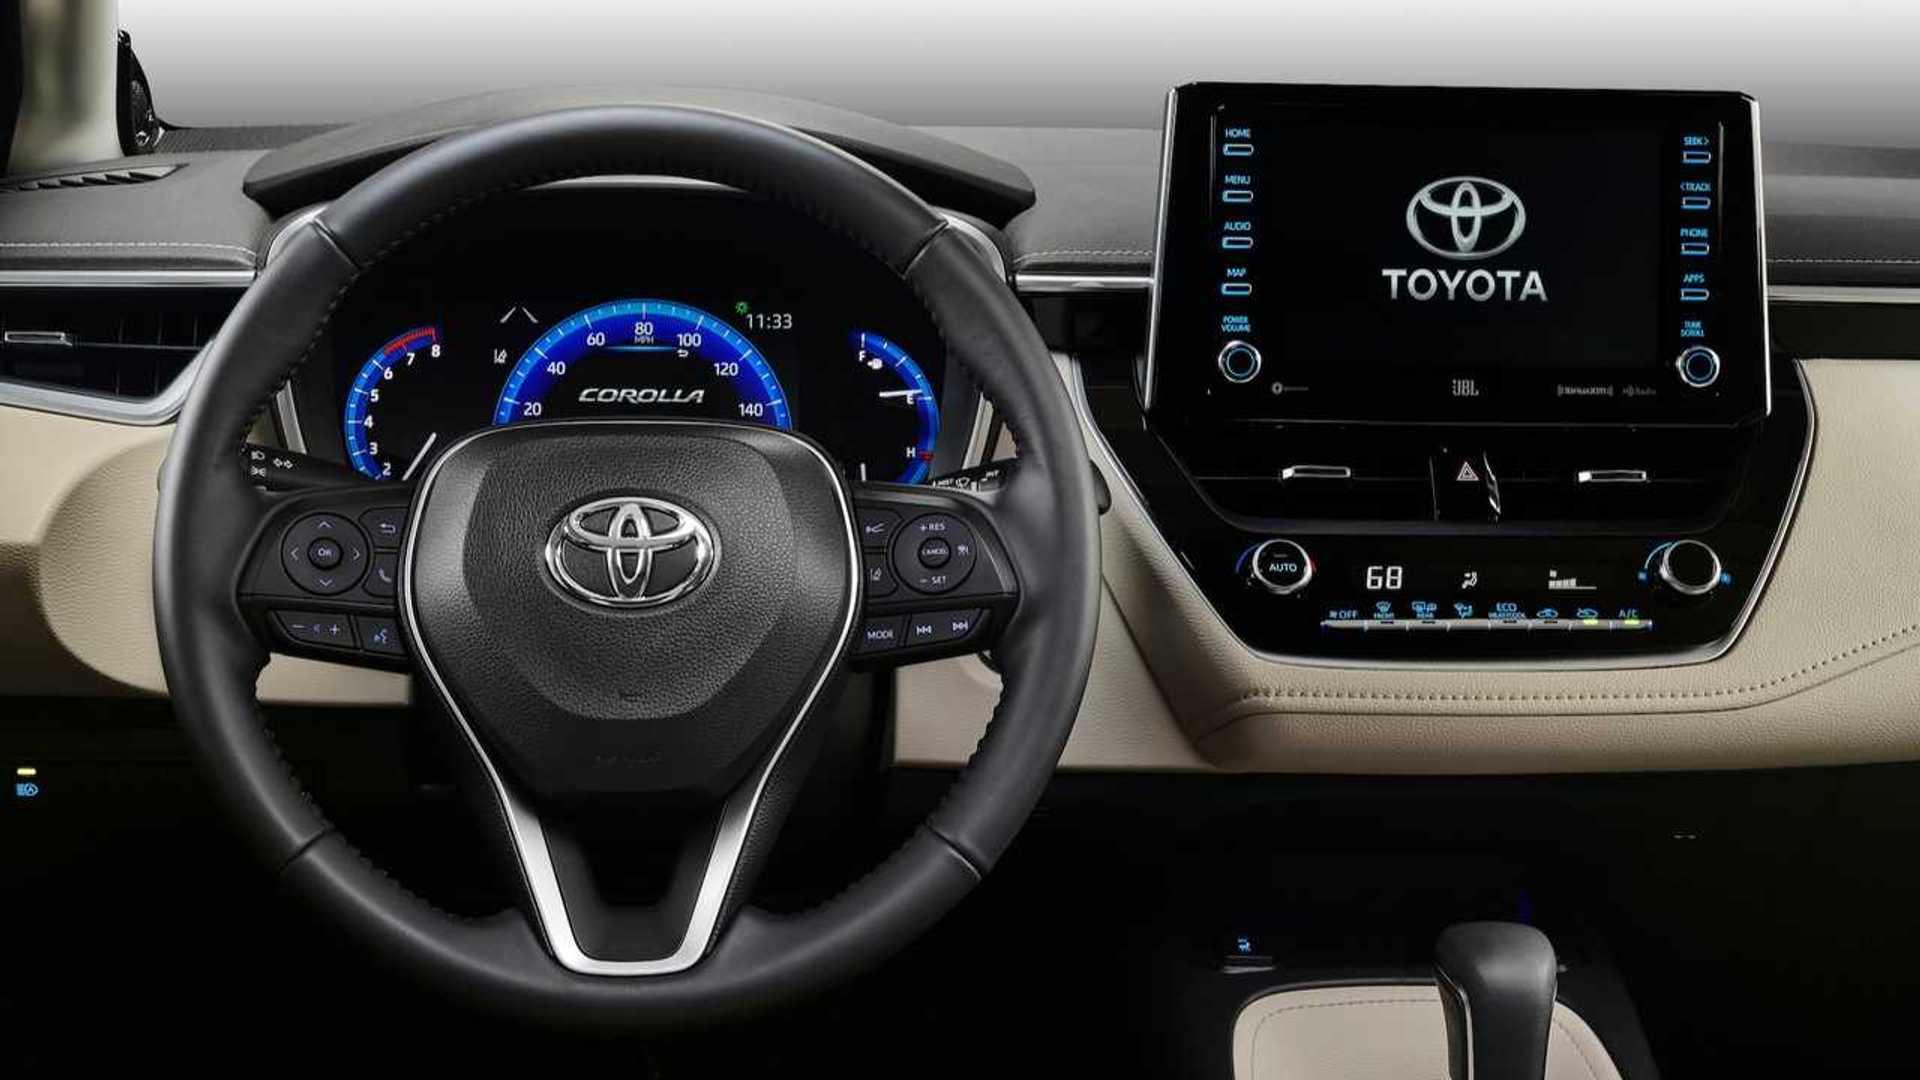 Novo Toyota Corolla é apresentado e chega ao Brasil em 2020 2020-toyota-corolla-sedan